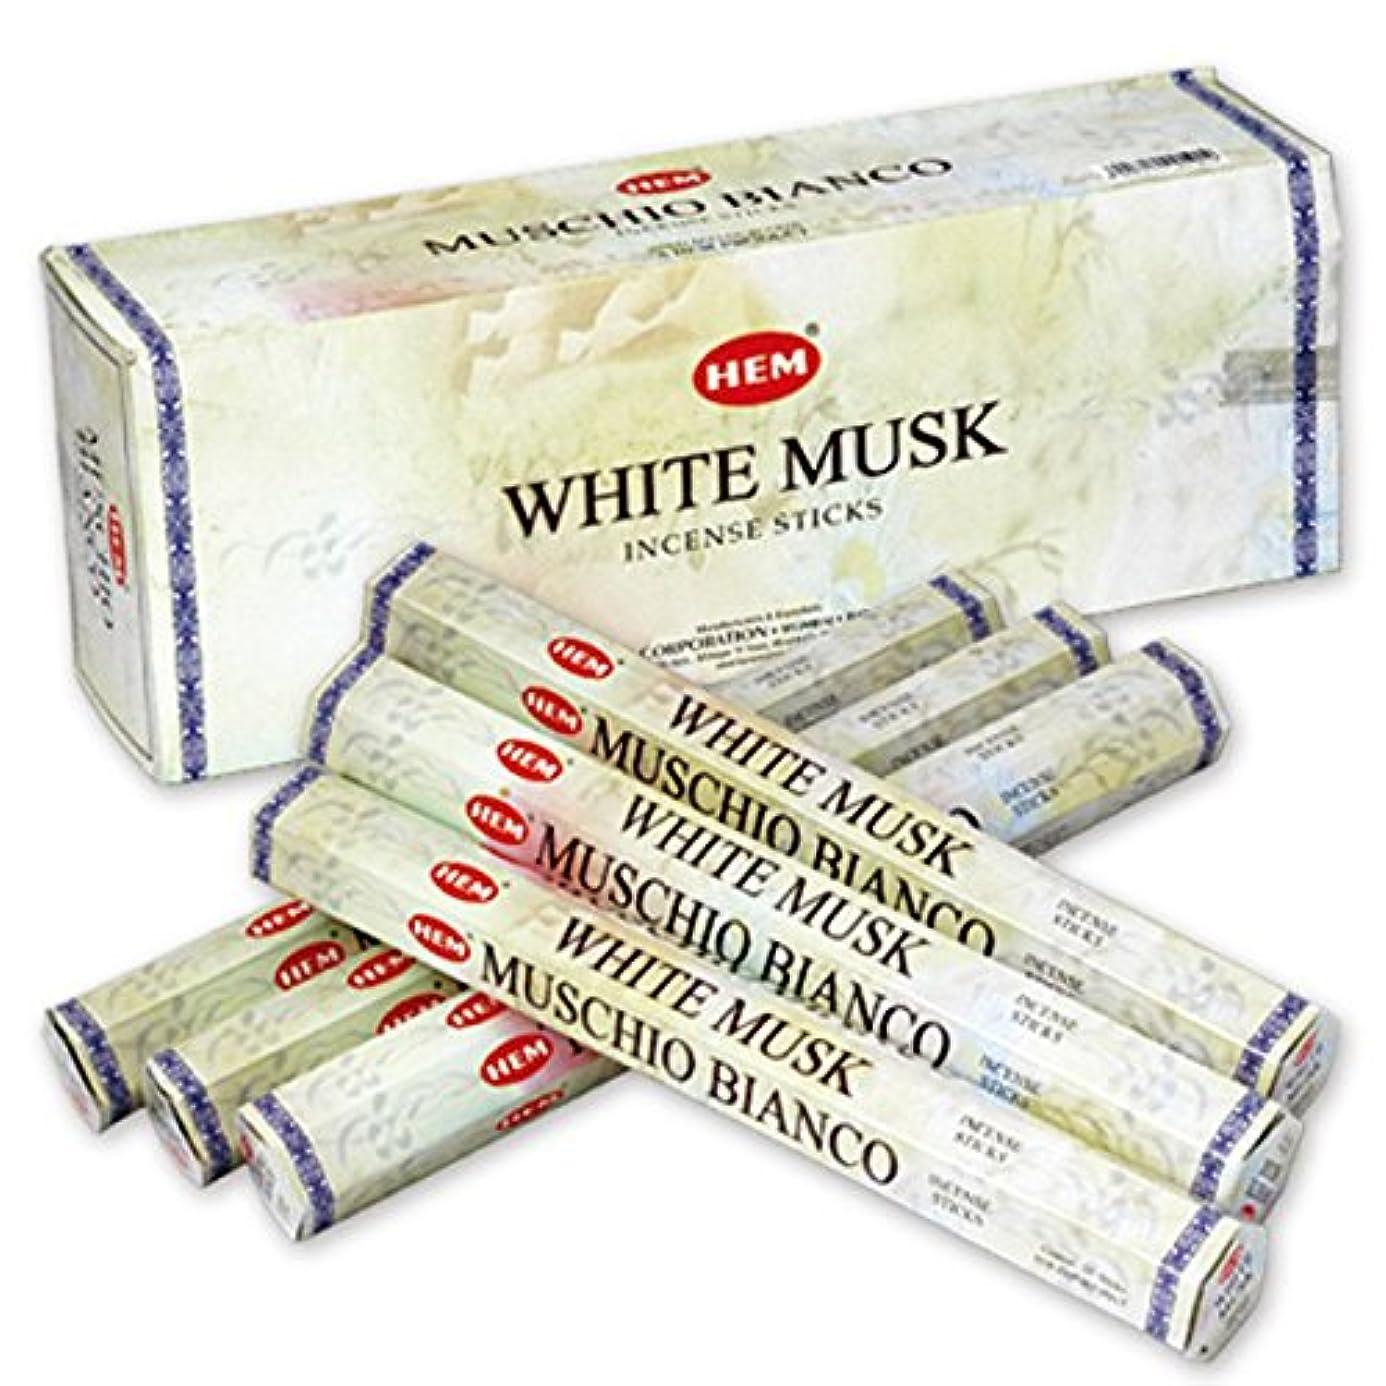 シルエット投獄礼拝HEM(ヘム) ホワイト?ムスク WHITE-MUSK スティックタイプ お香 6筒 セット [並行輸入品]